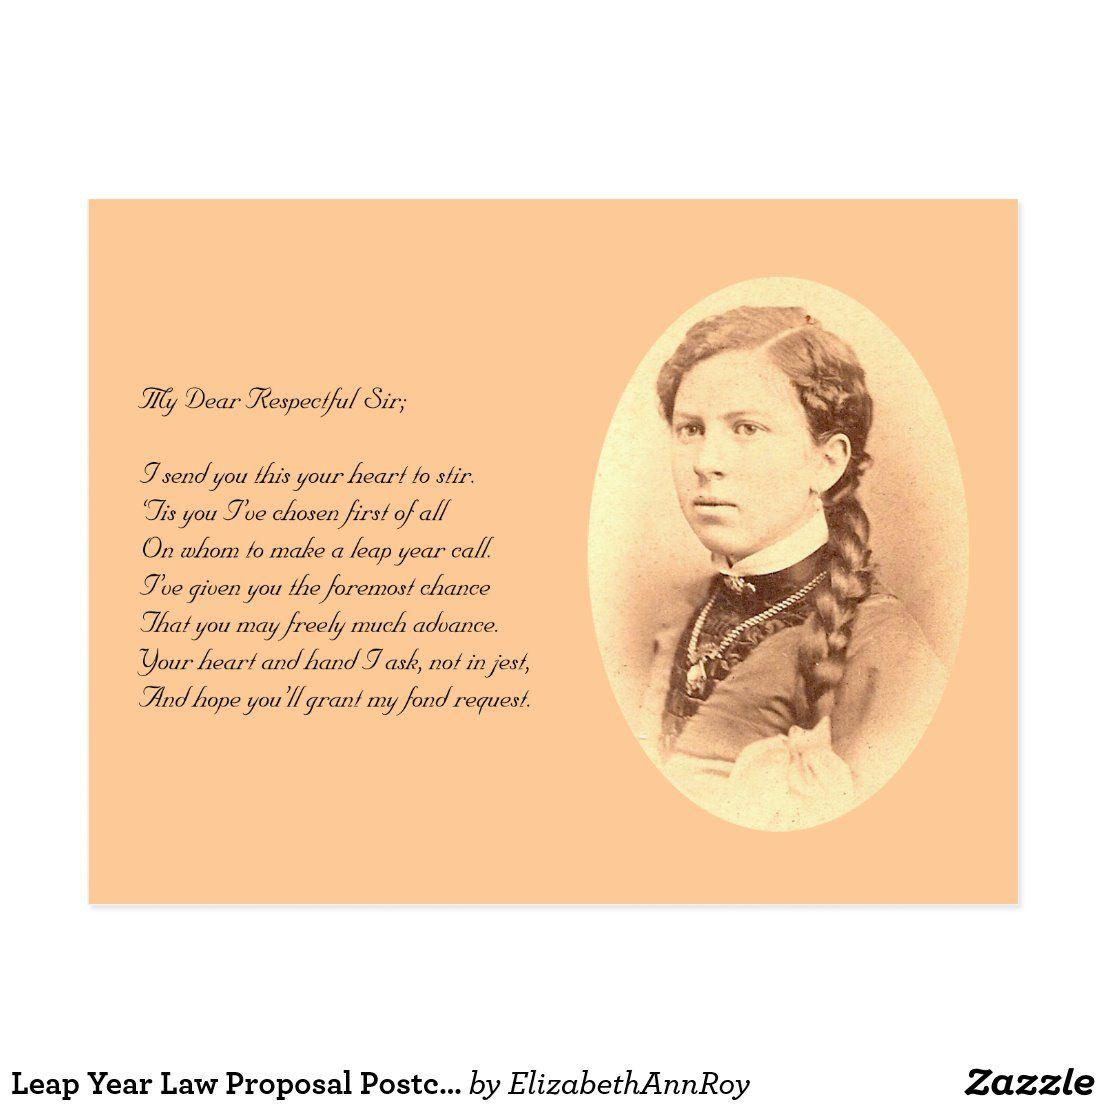 Leap Year Law Proposal Postcard